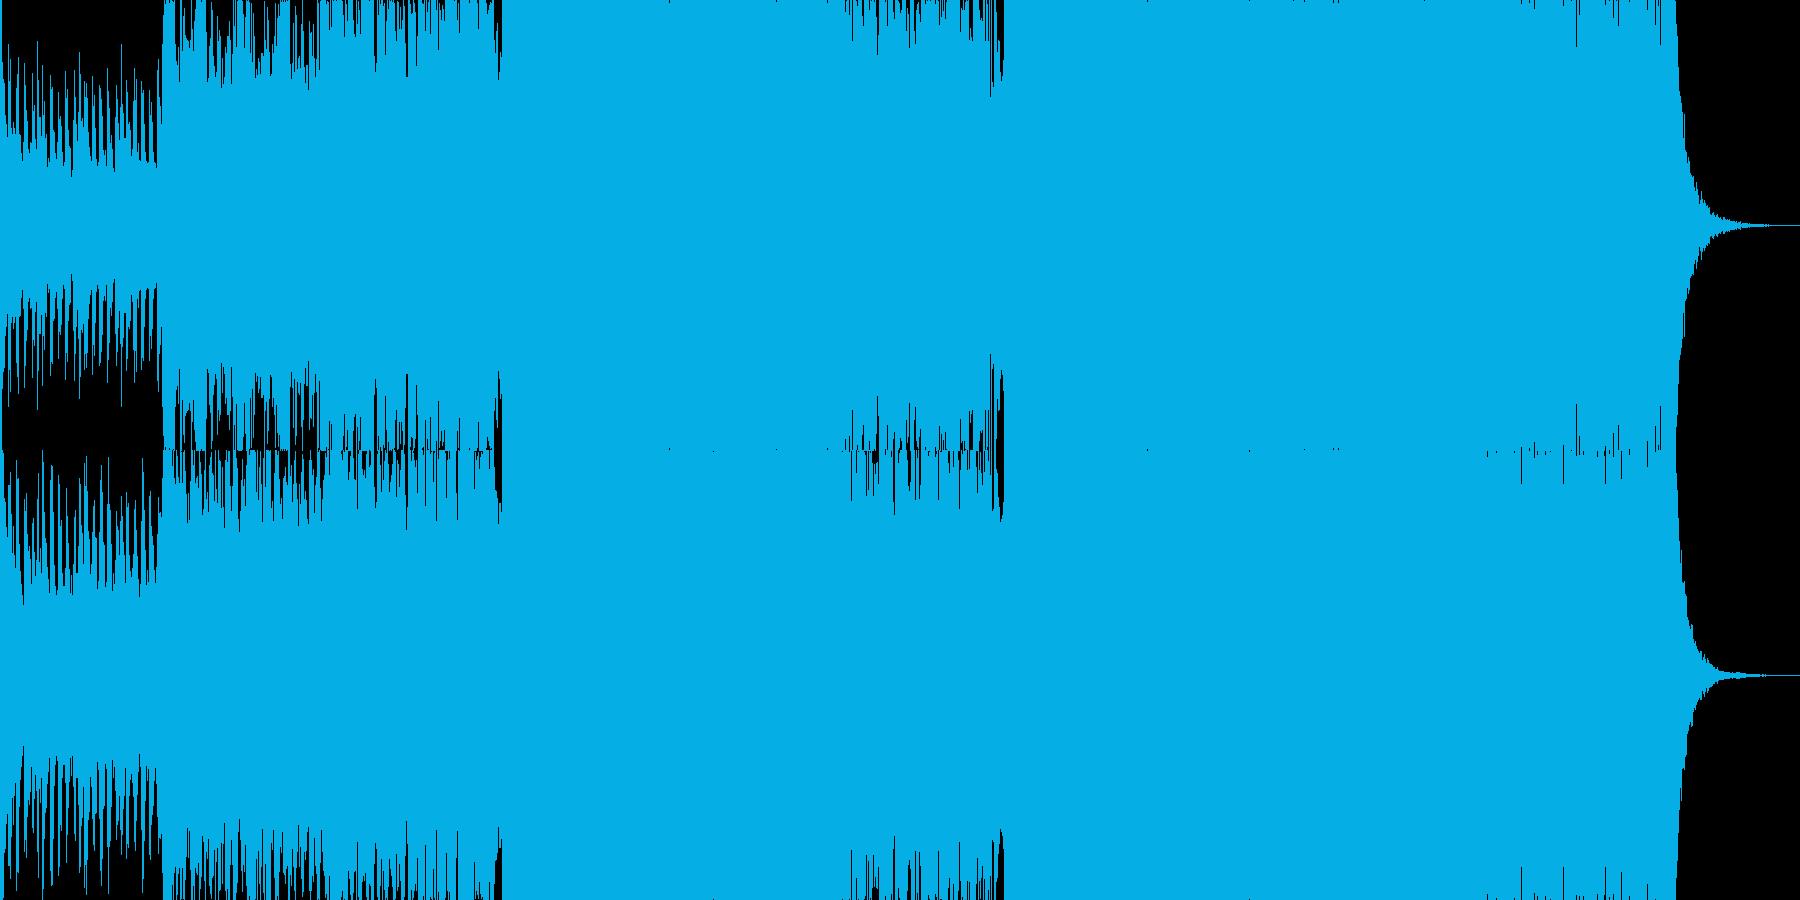 シンフォニックな音楽とダブステップの融合の再生済みの波形